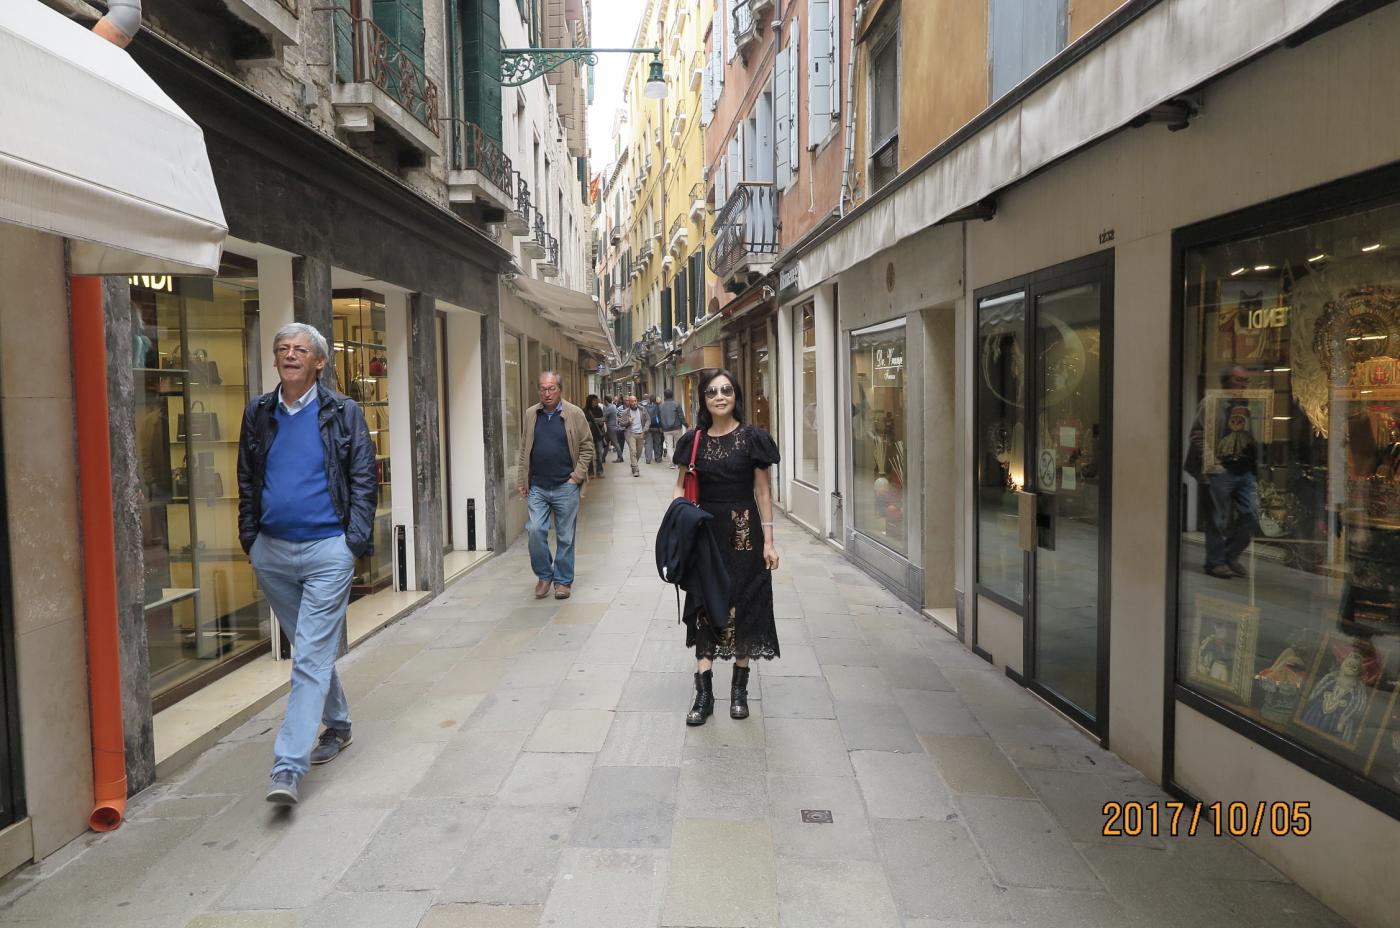 水乡威尼斯:无限的魅力永久的回忆_图1-28